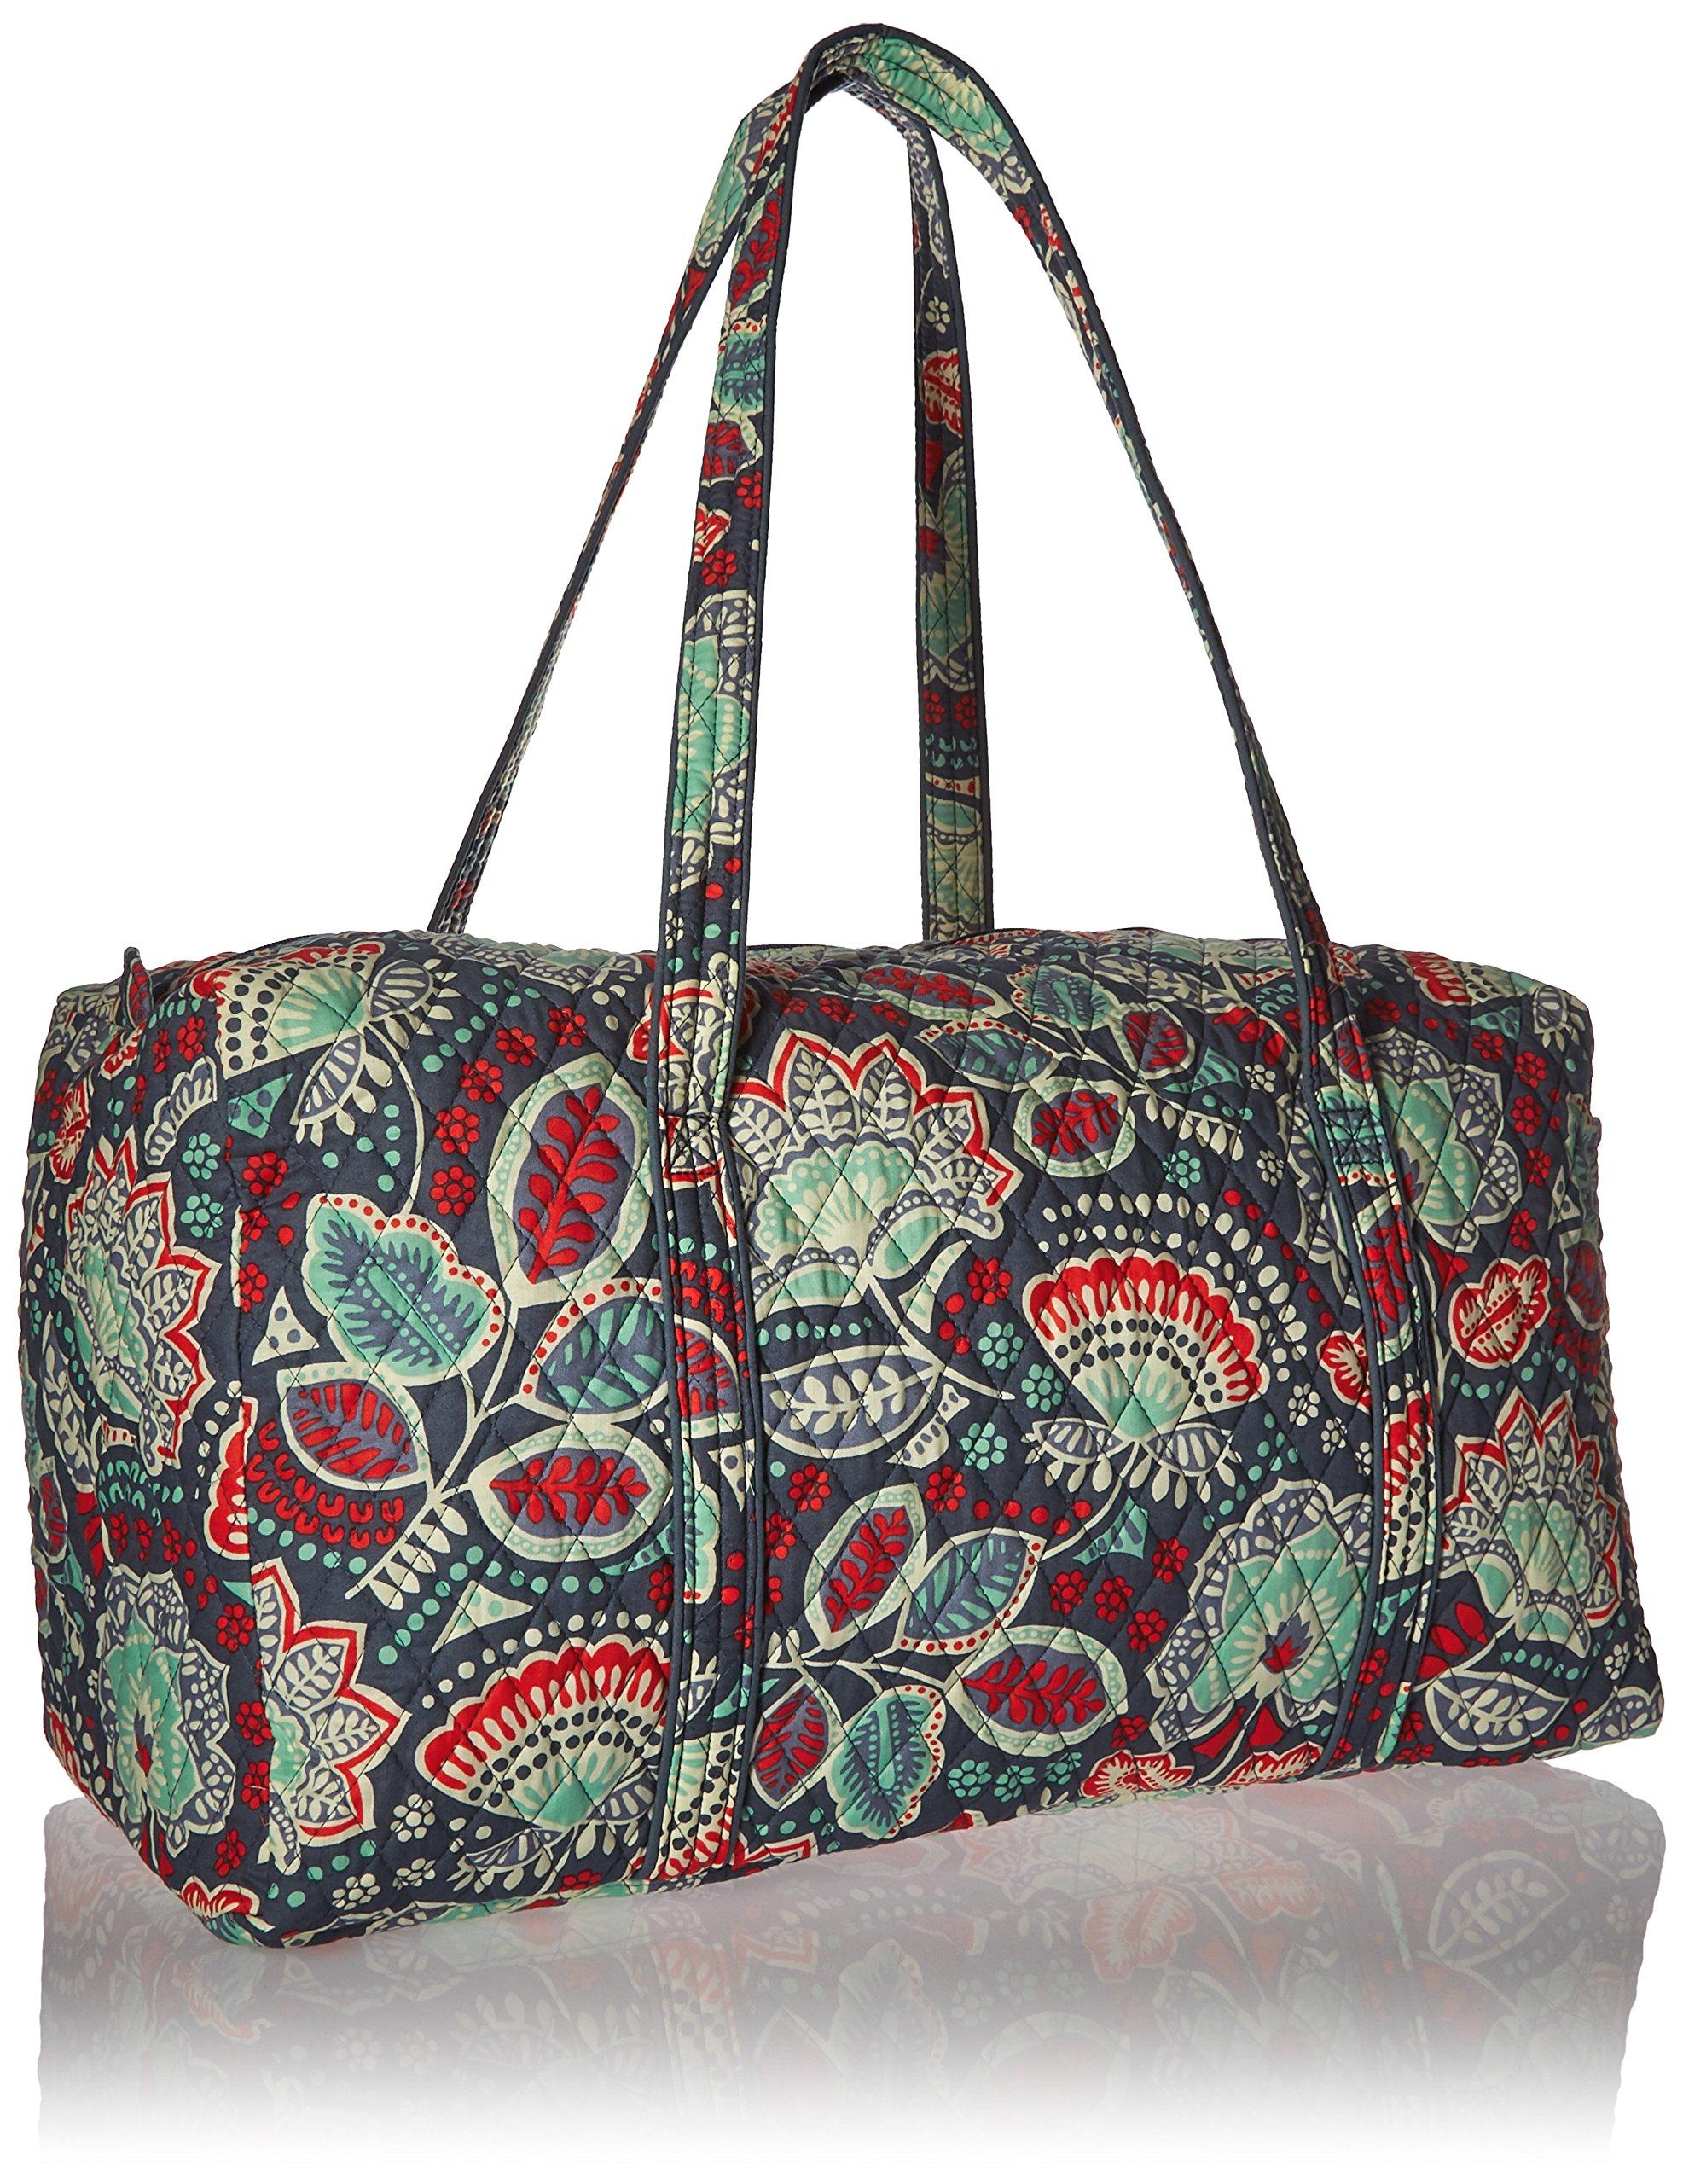 Vera Bradley Luggage Women's Large Duffel Nomadic Floral Duffel Bag by Vera Bradley (Image #2)